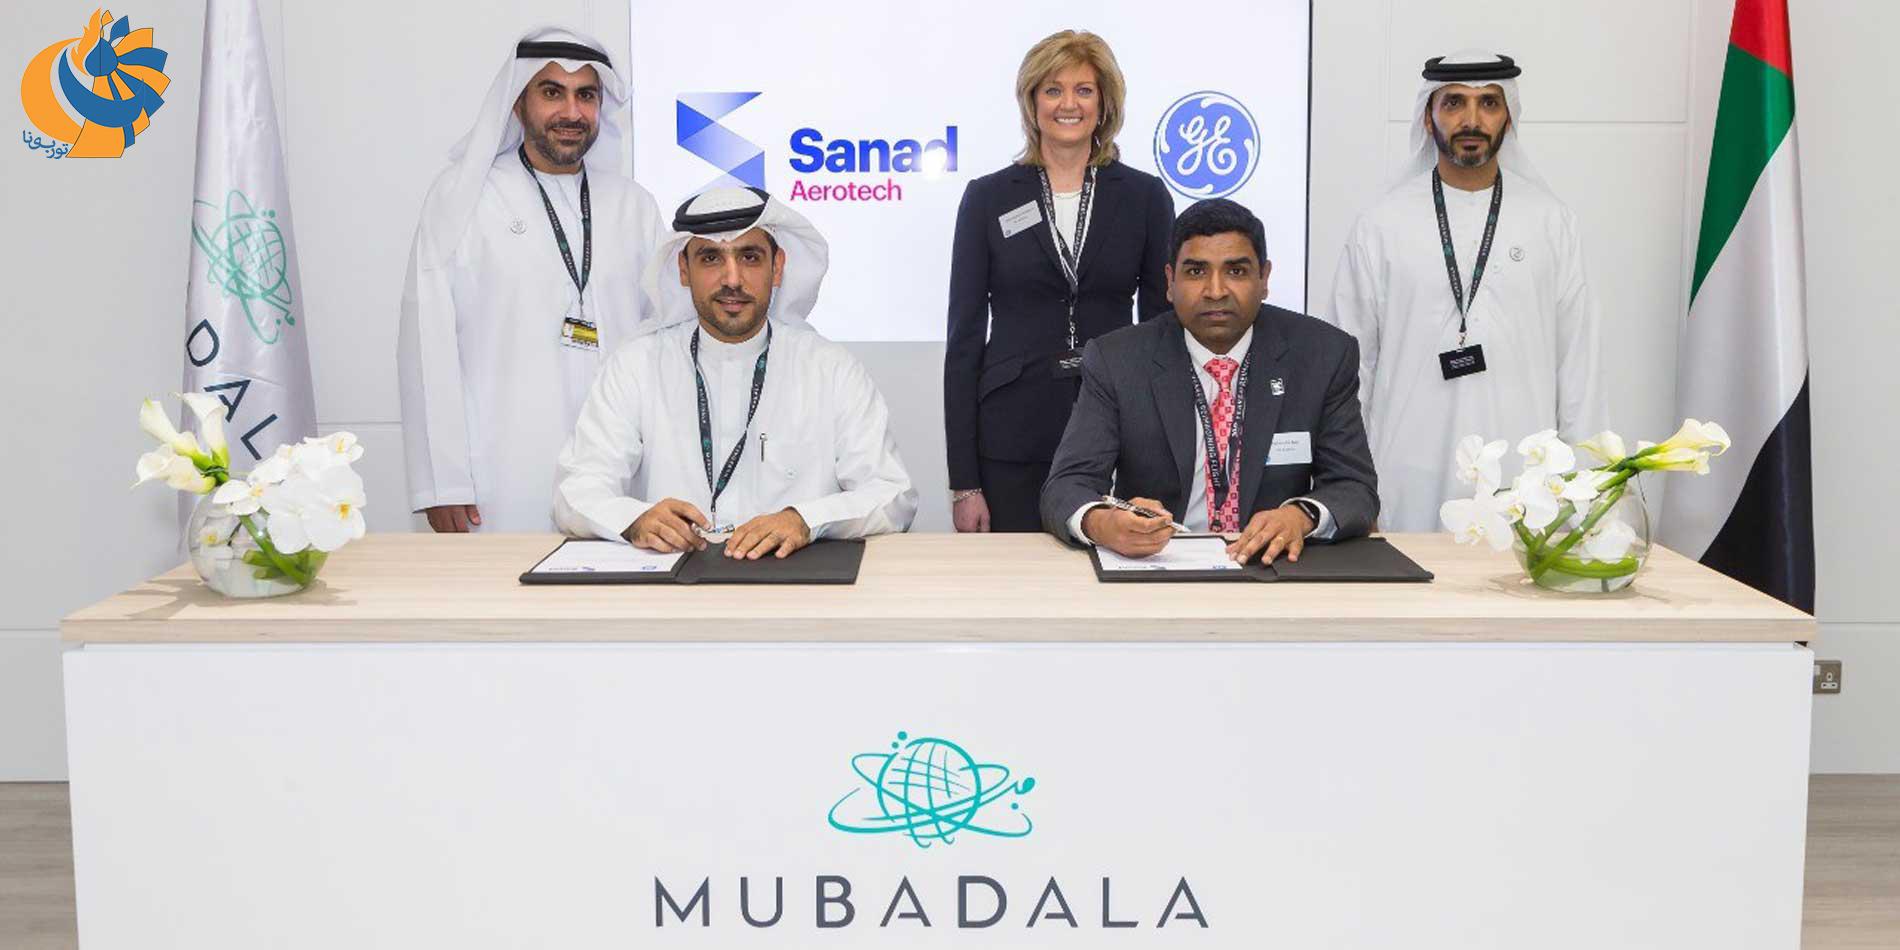 برنامه Sanad Aerotech برای توسعه فعالیت تعمیر و نگهداری موتورهای هوایی